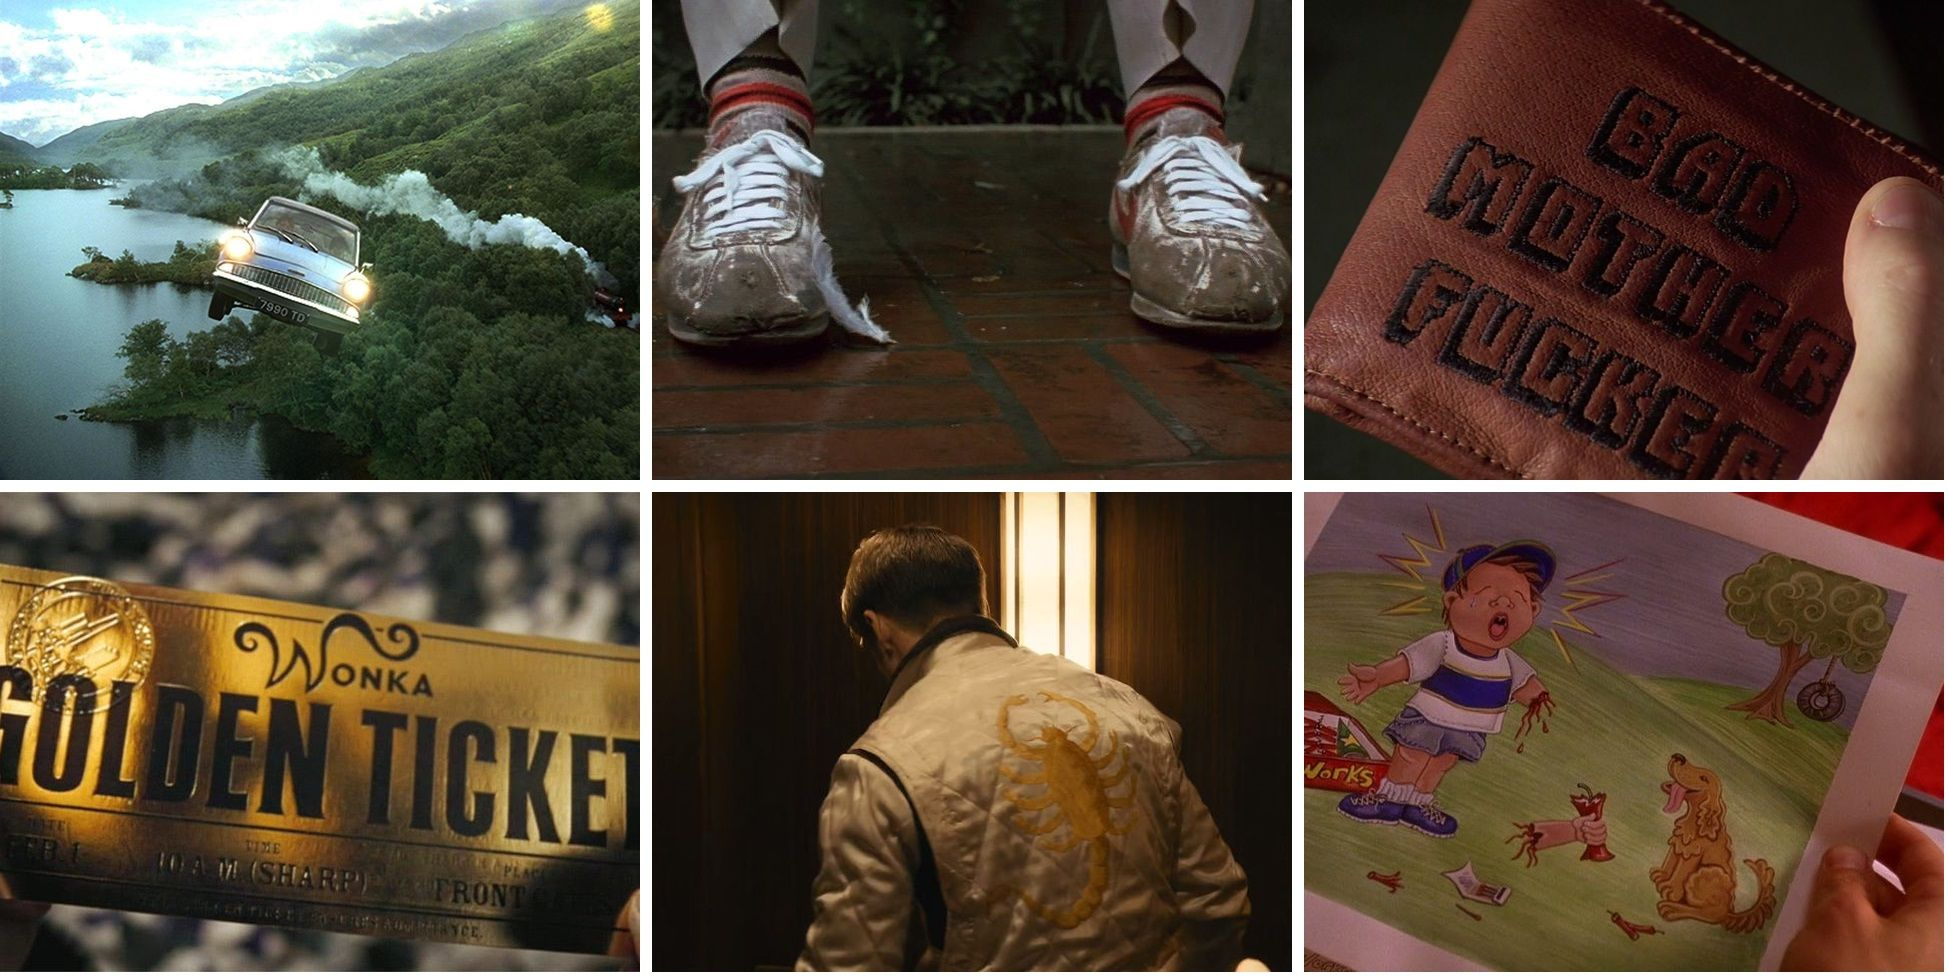 ¿Podés determinar en qué película aparecieron estos objetos?